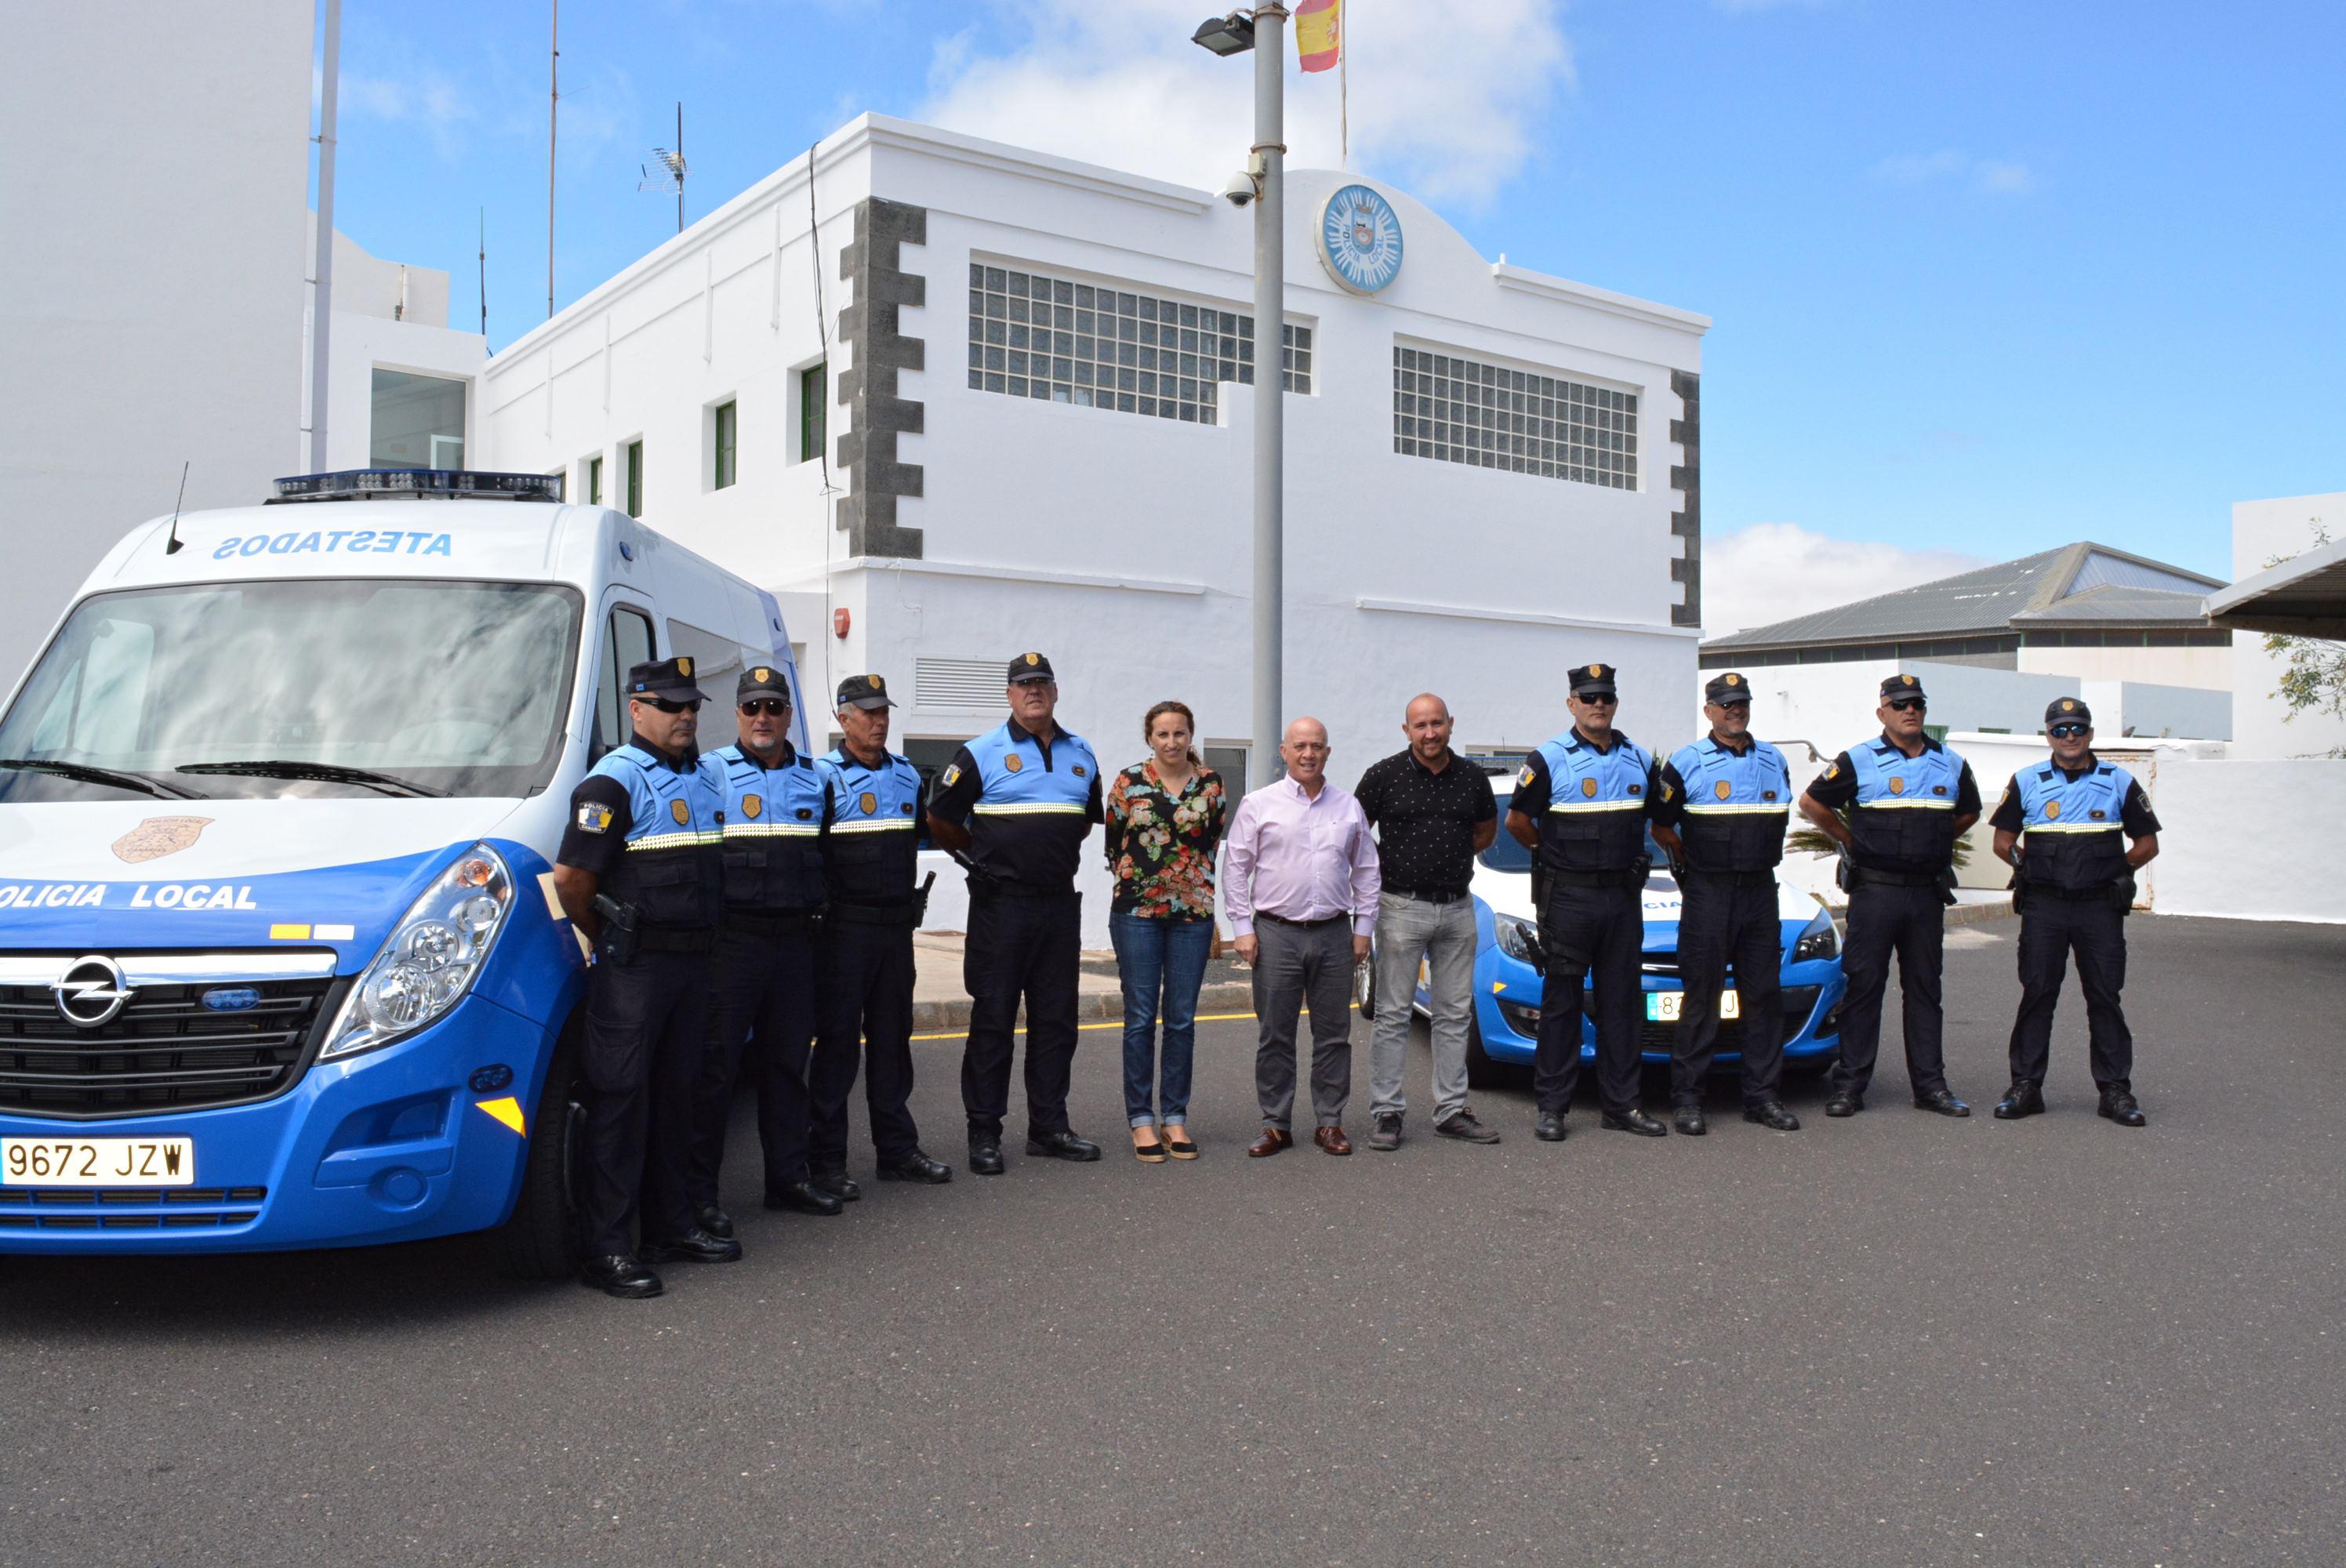 Tías publica en el BOP la oferta pública de empleo de 5 nuevas plazas de agentes de la Policía Local